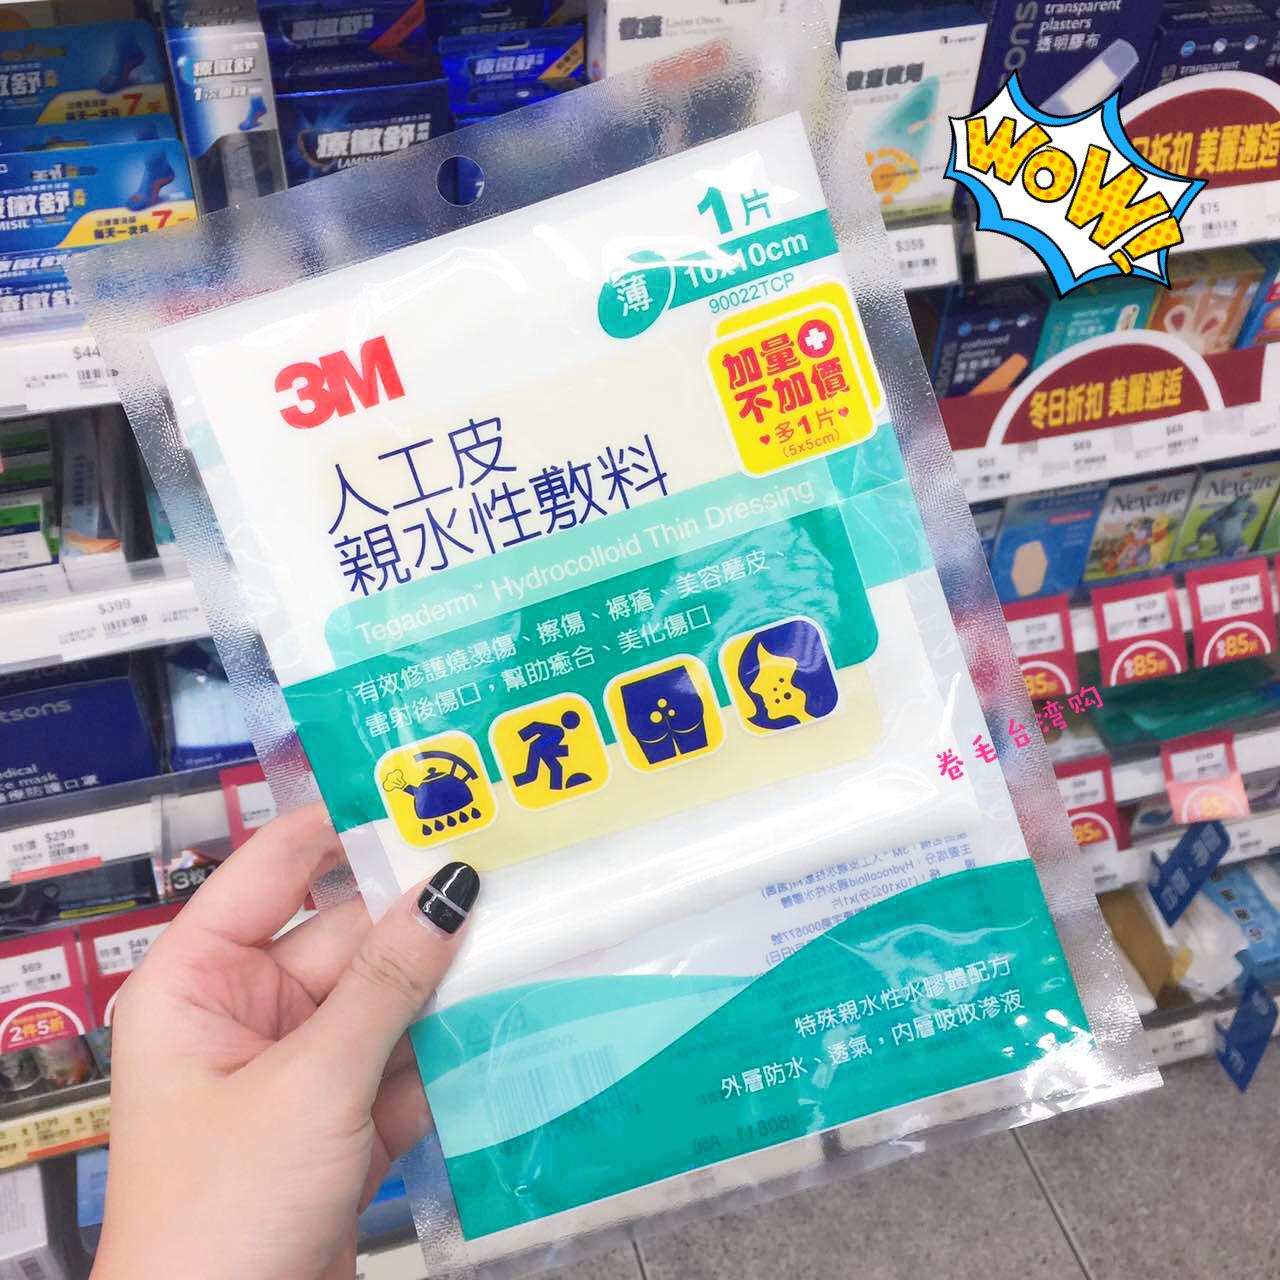 Тайвань покупка товаров ~3M искусственный кожа близко вода применять материал косметология мельница кожа оспа оспа паста содействовать продвижение травма рот заживать близко шрам отметина